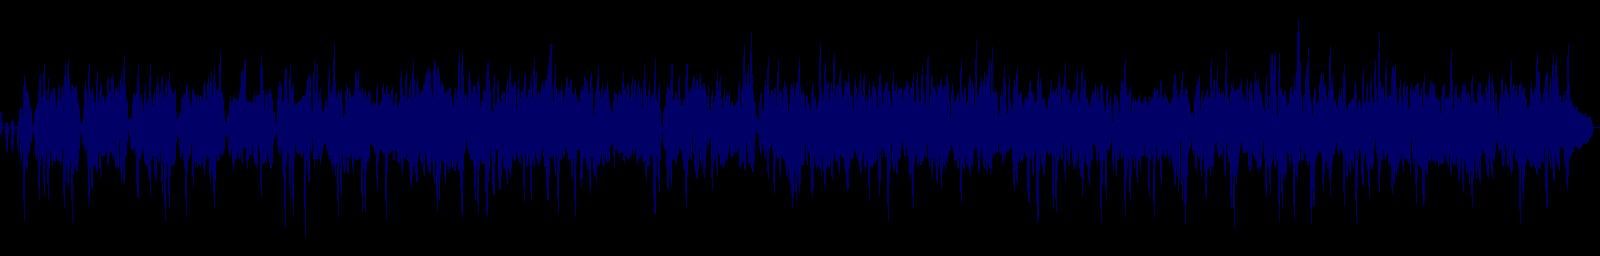 waveform of track #158971